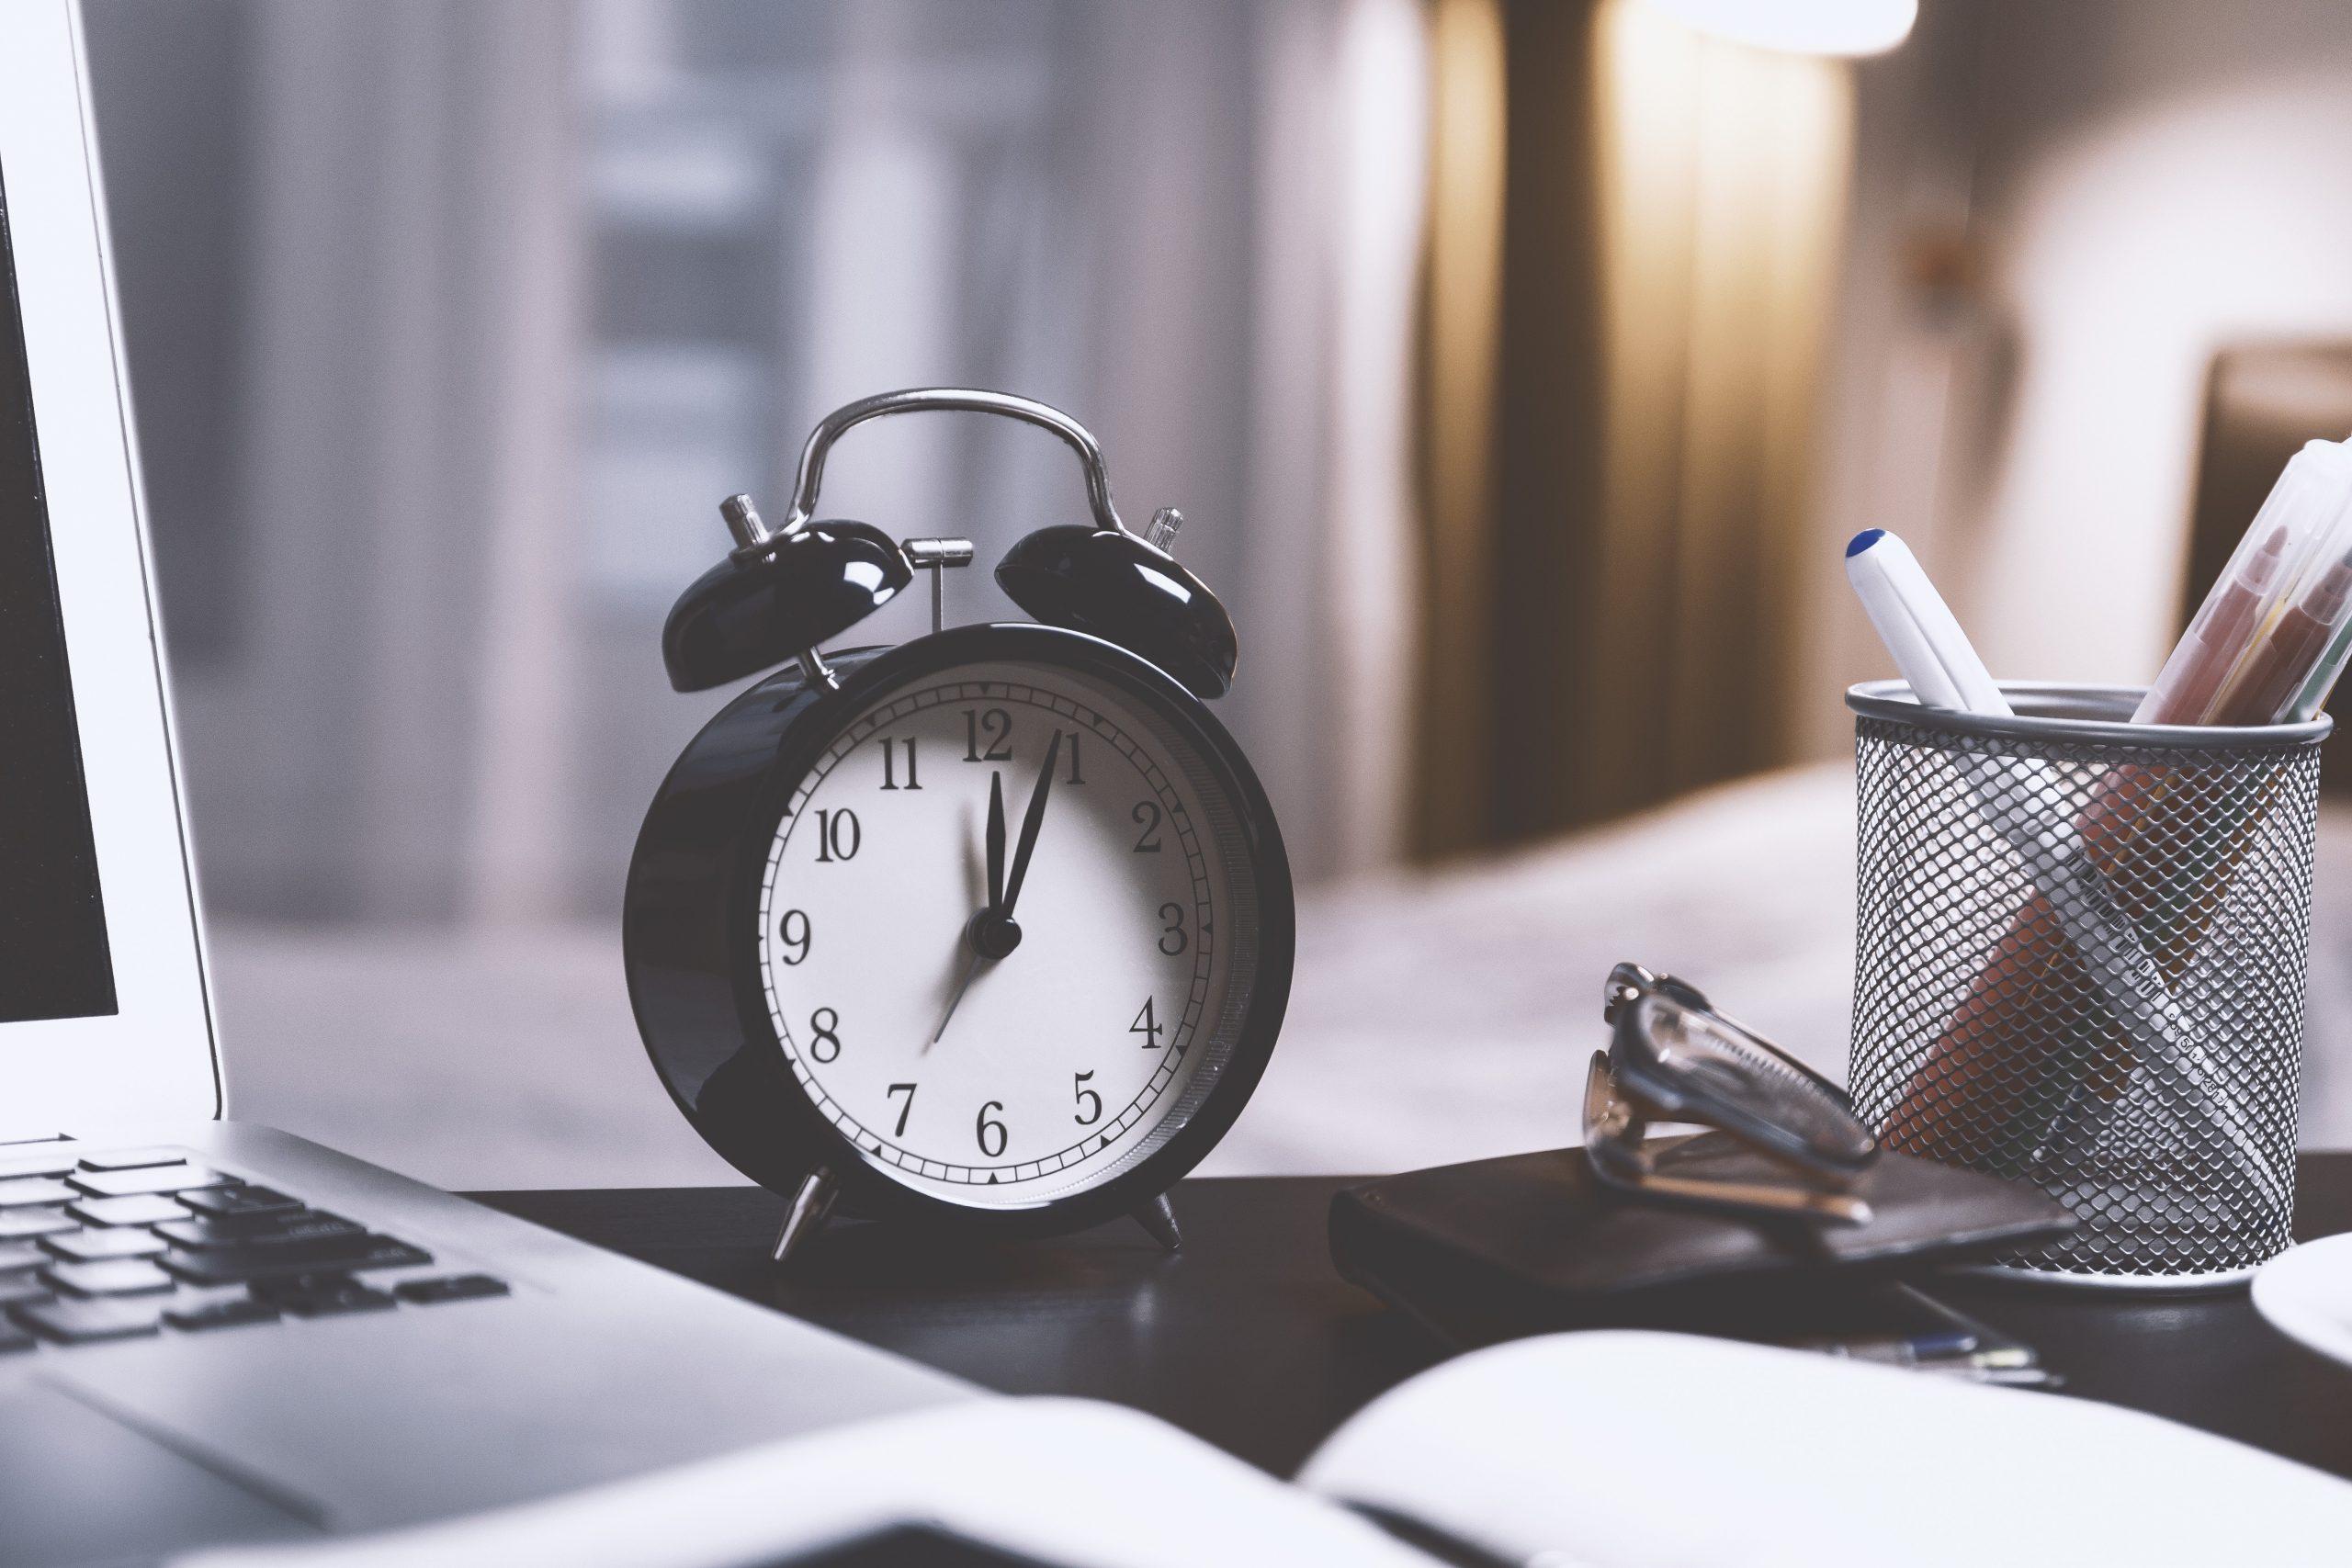 life hacks to save time